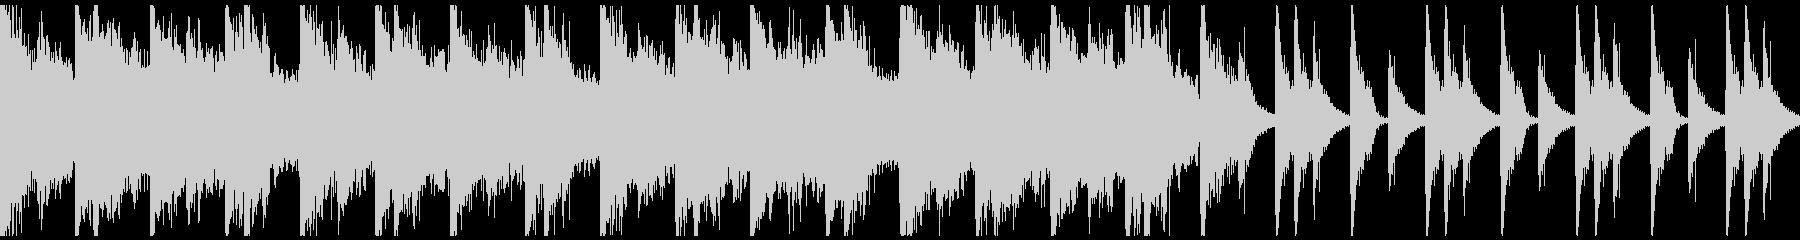 勇壮クラップ&ストンプのロック/ループの未再生の波形